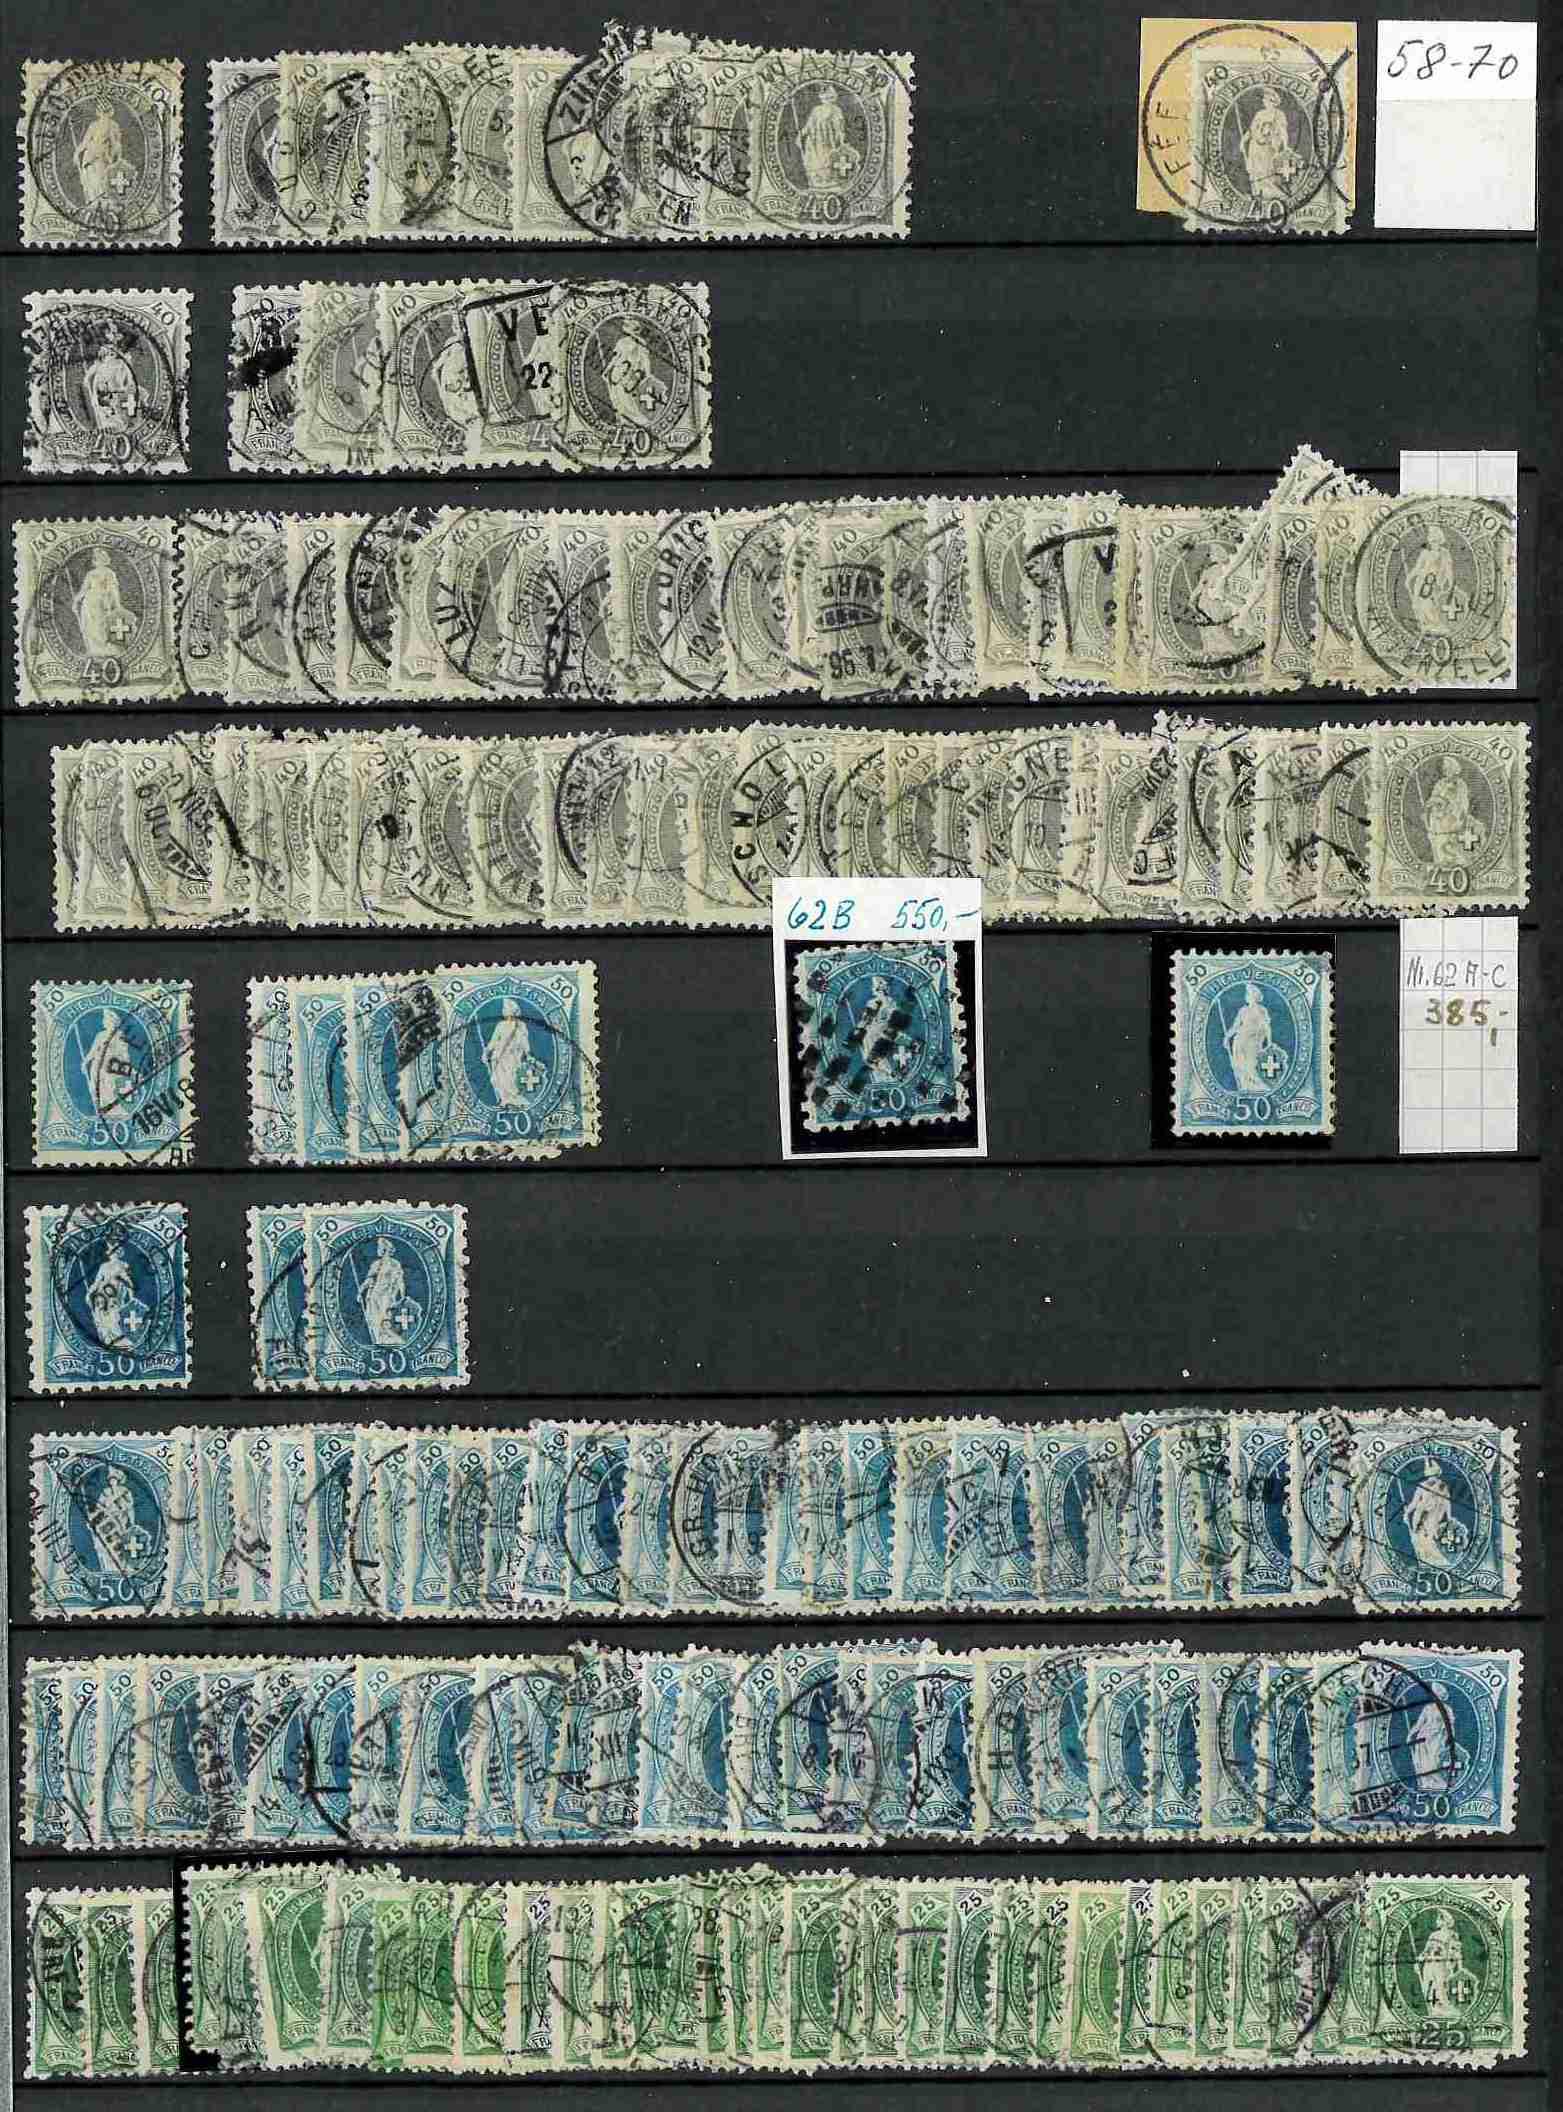 Lagerbestand / Händlerposten Schweiz Michelwert 200.000+ Euro-13